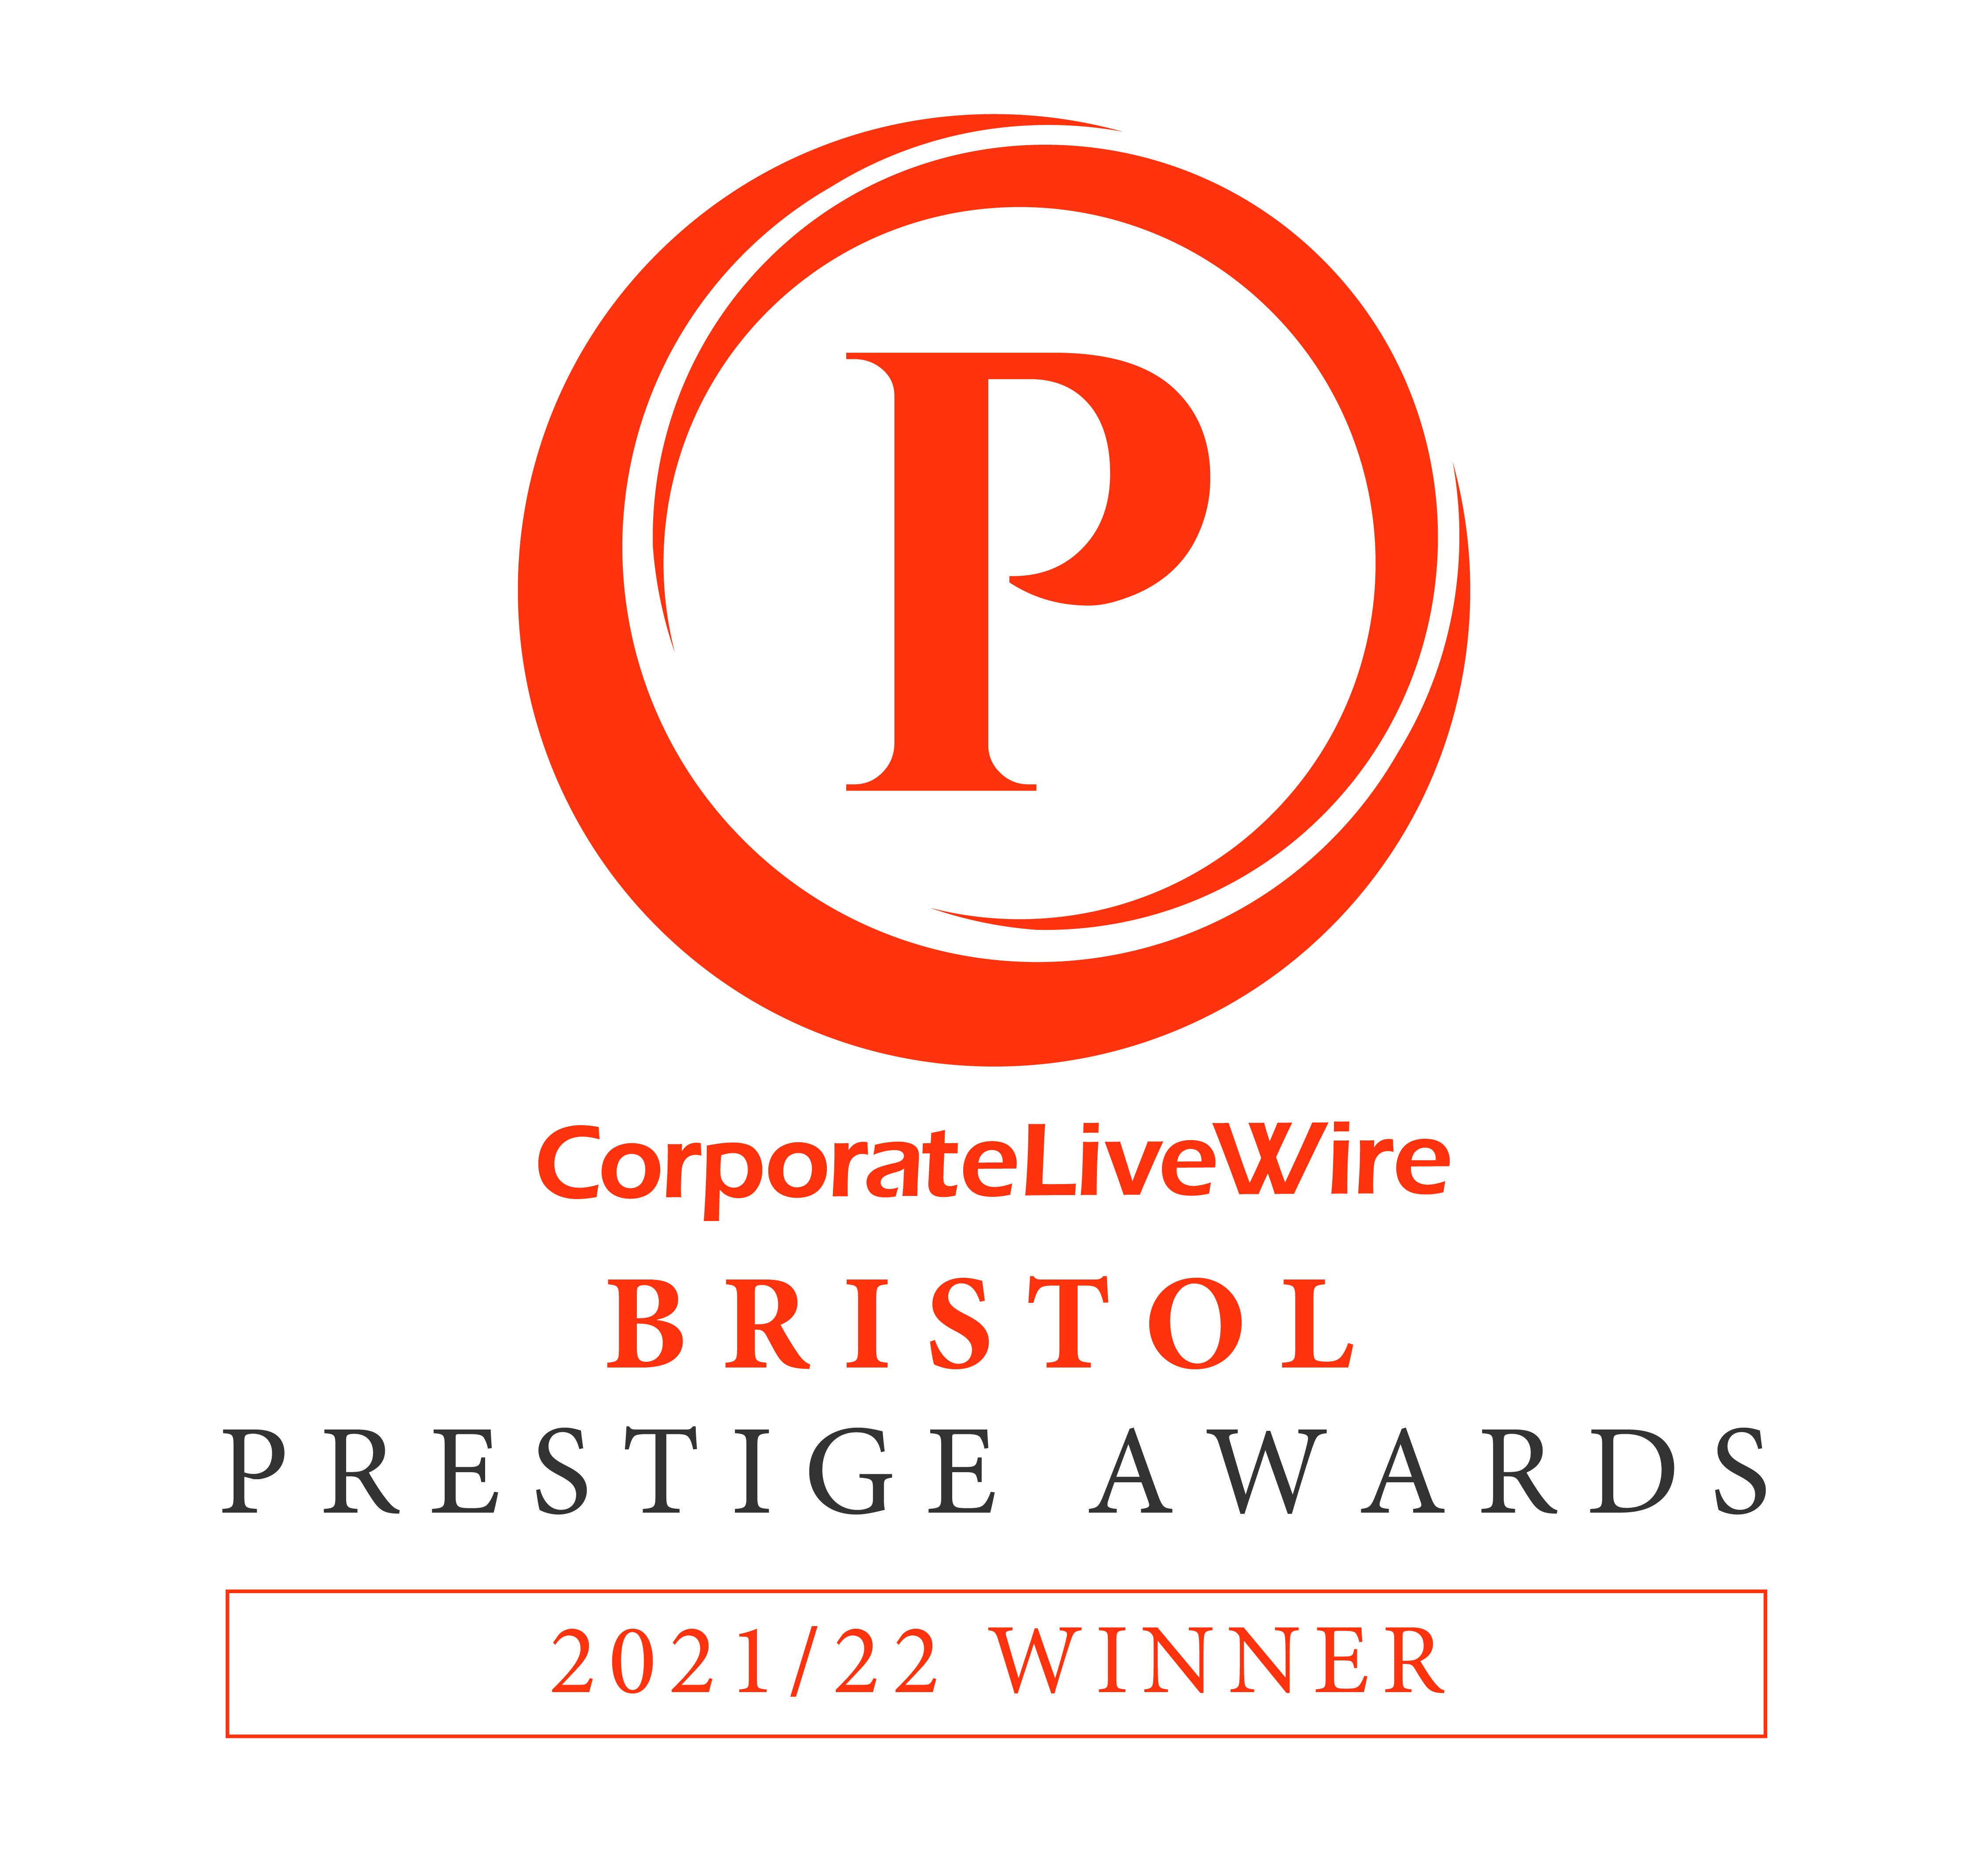 Prestige Awards 2021/22